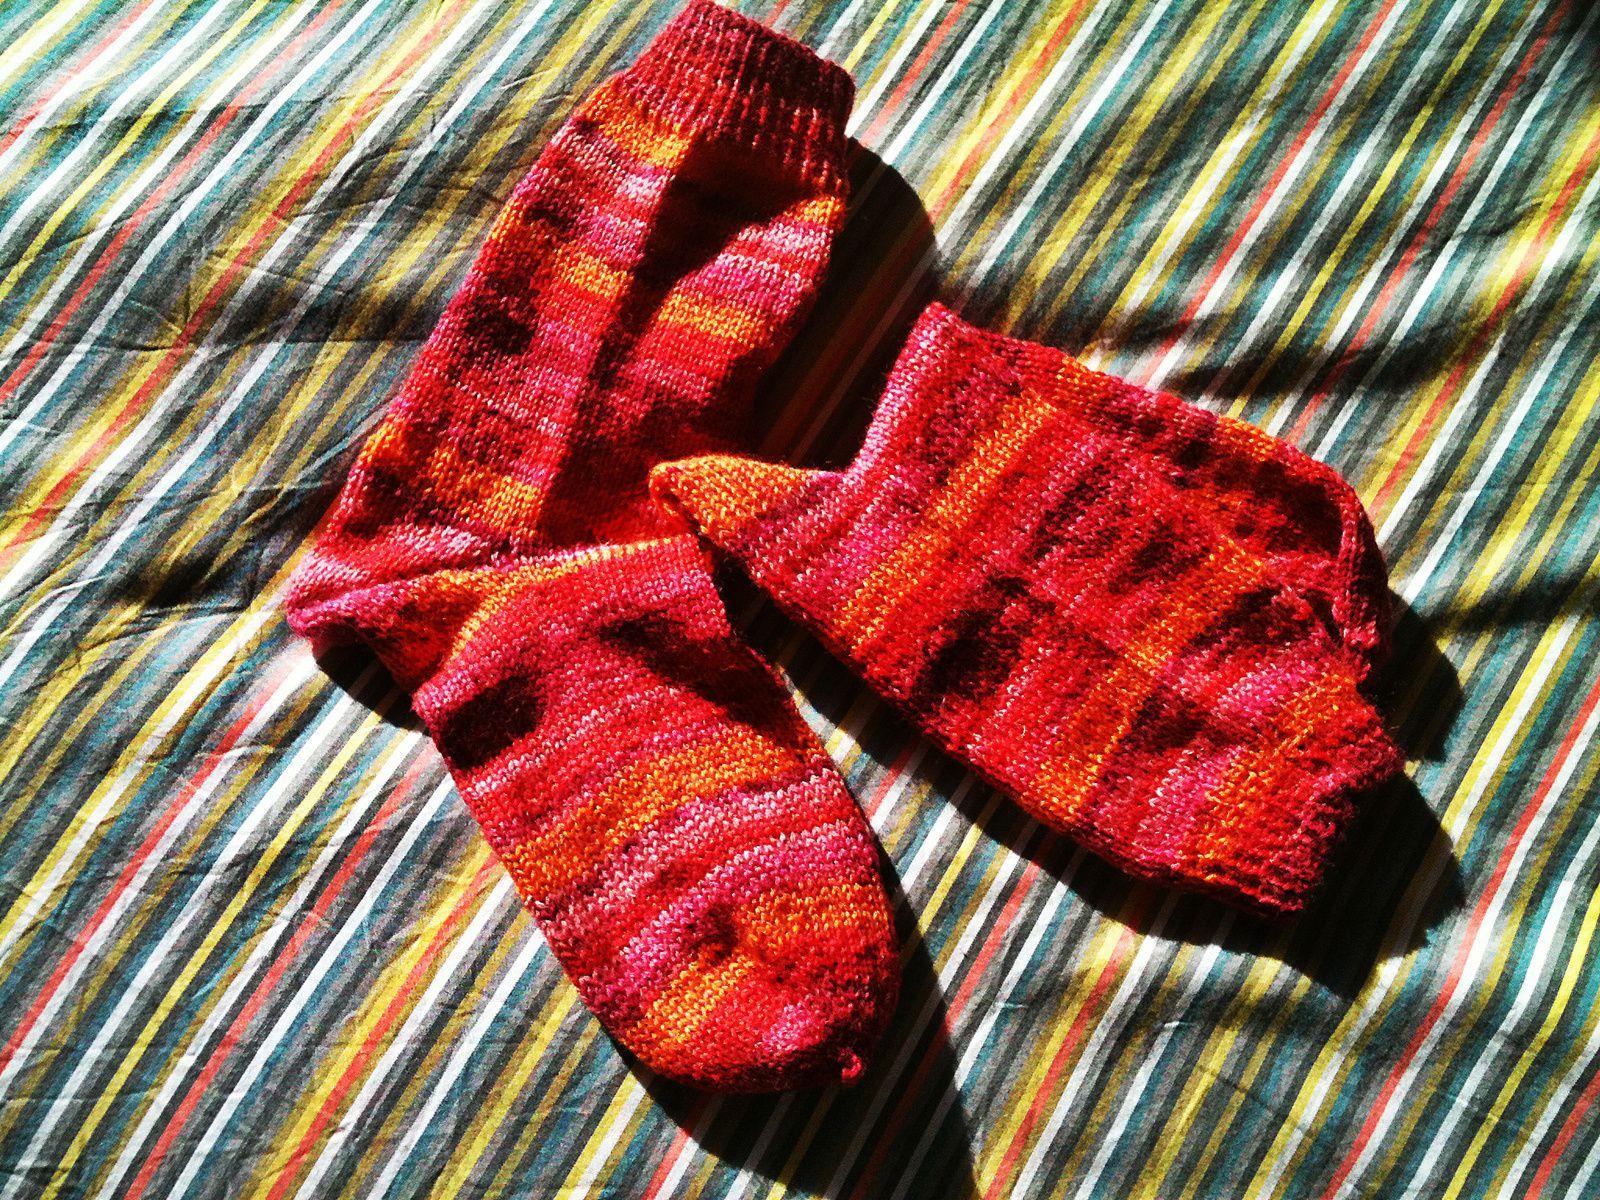 Doctor's mother socks